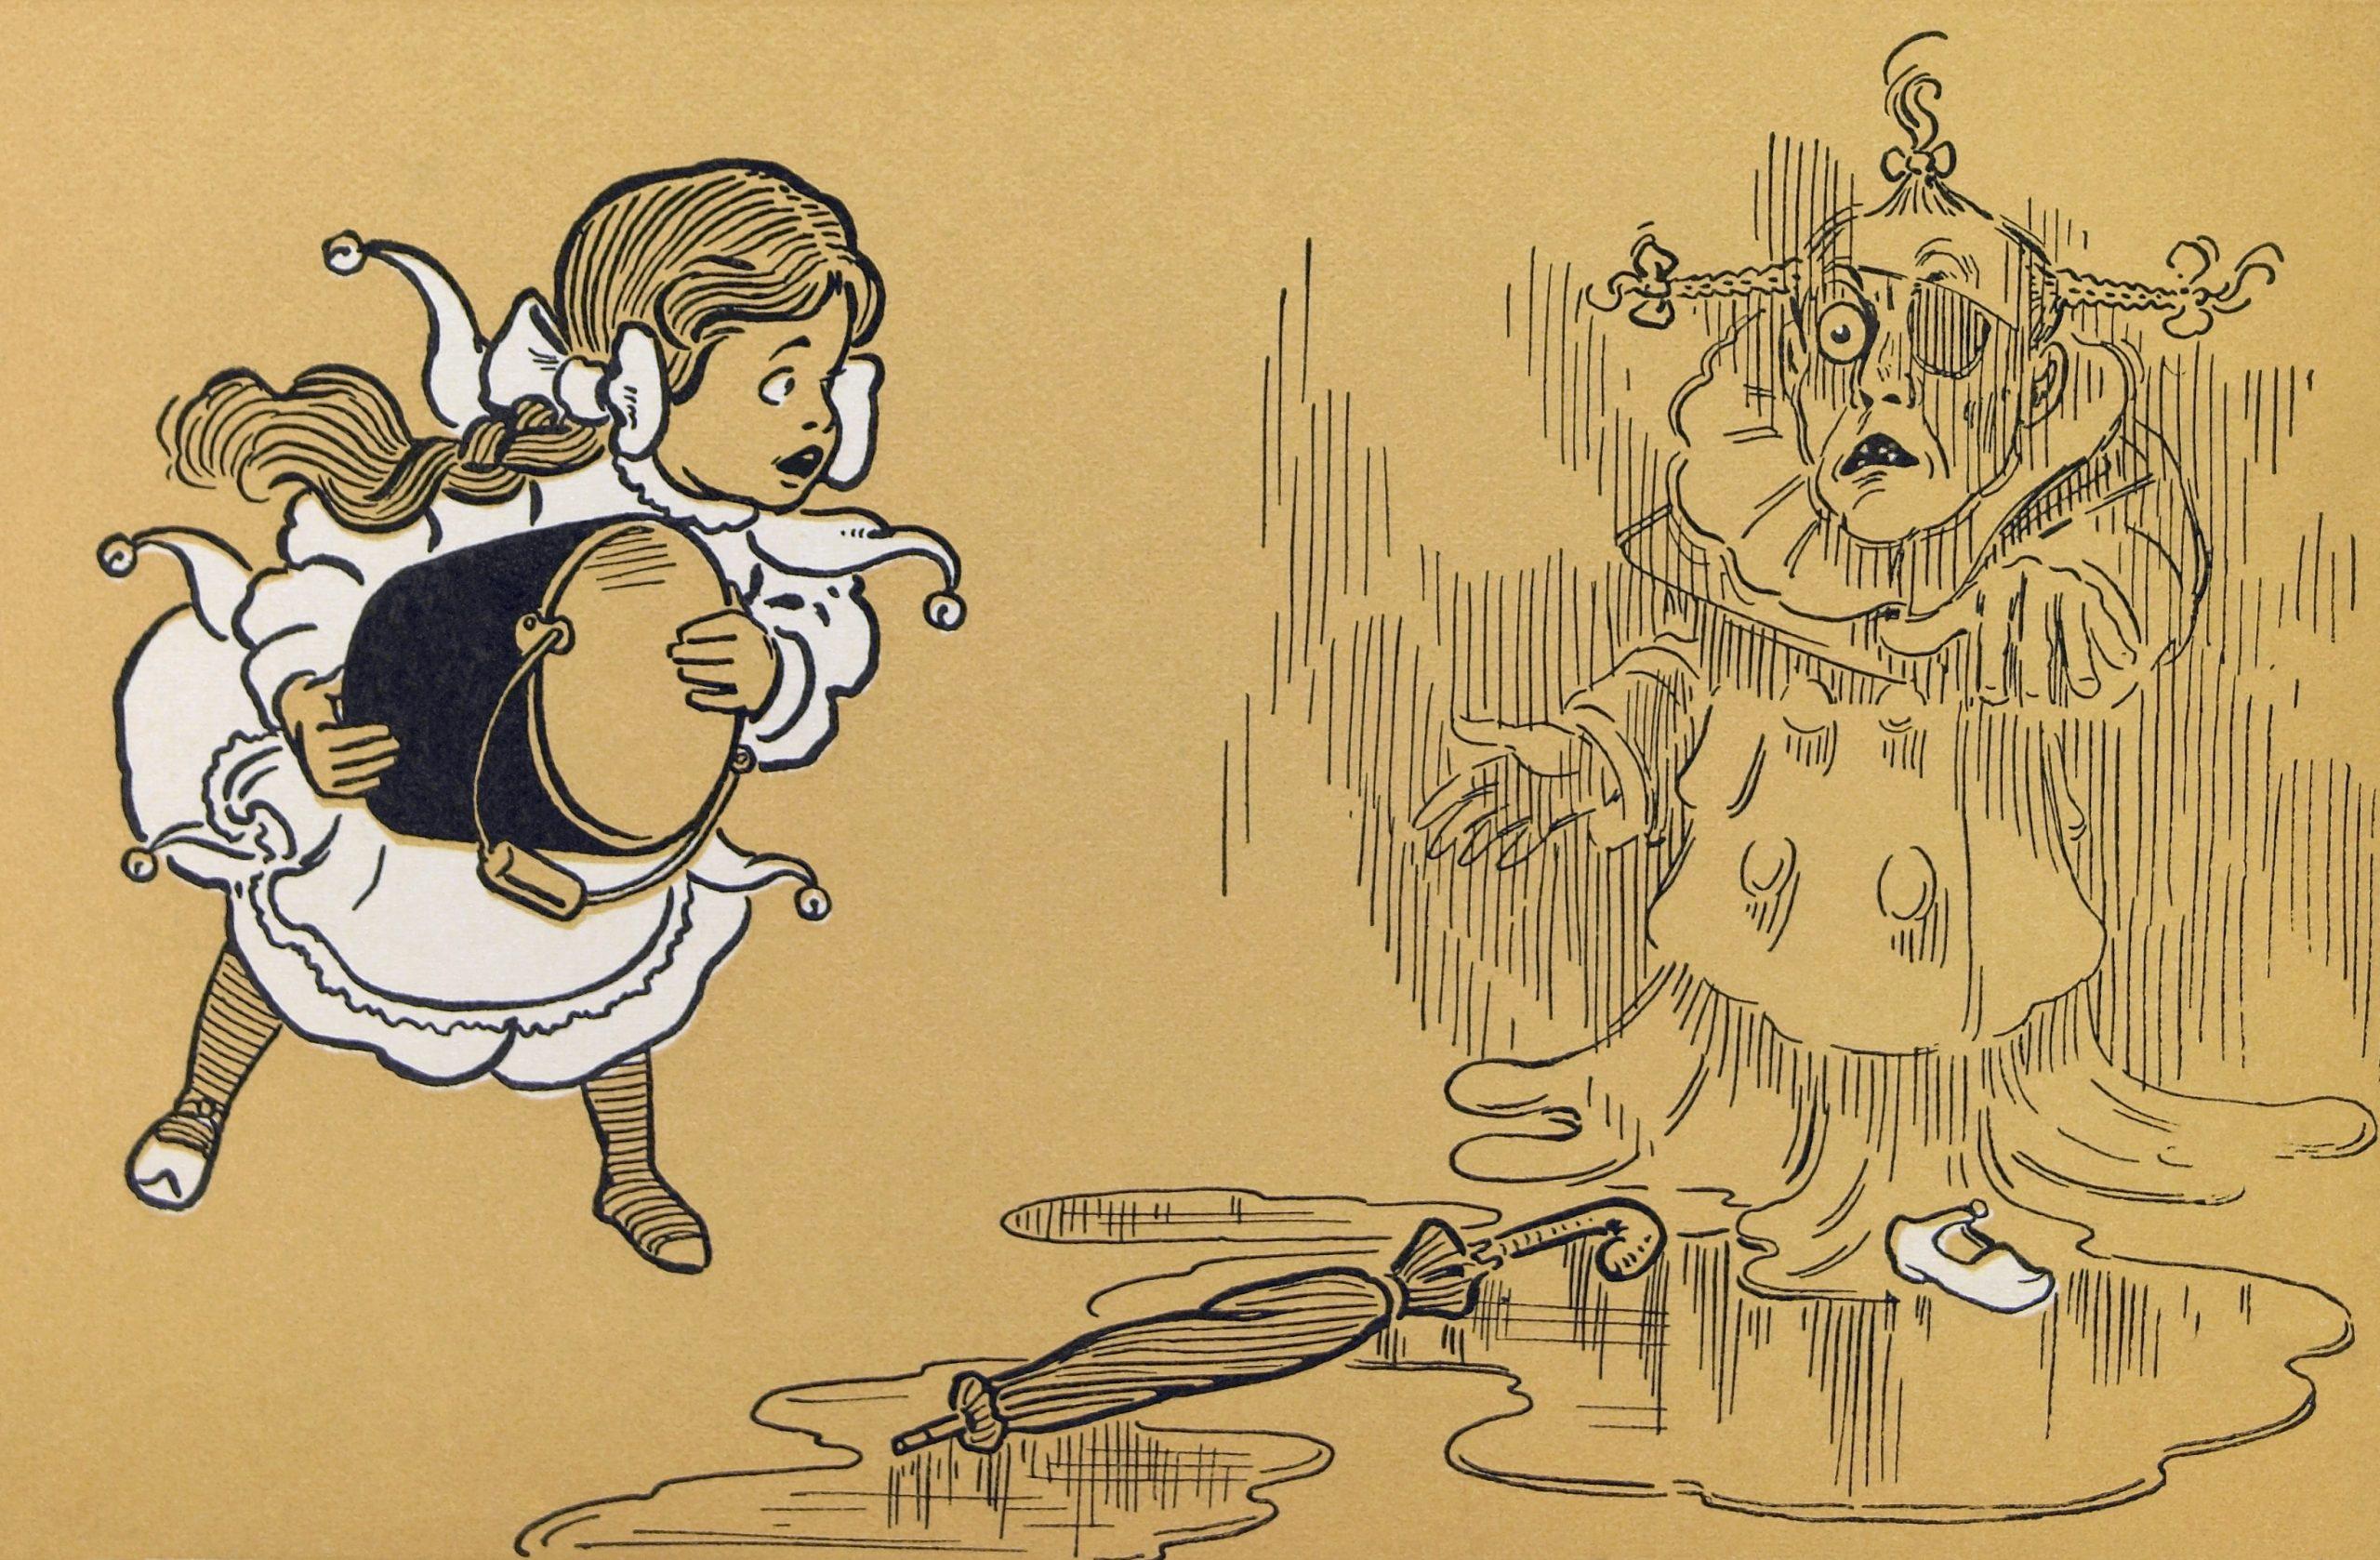 Dorothy é uma menina muito mais nova nas ilustrações de W. W. Denslow.